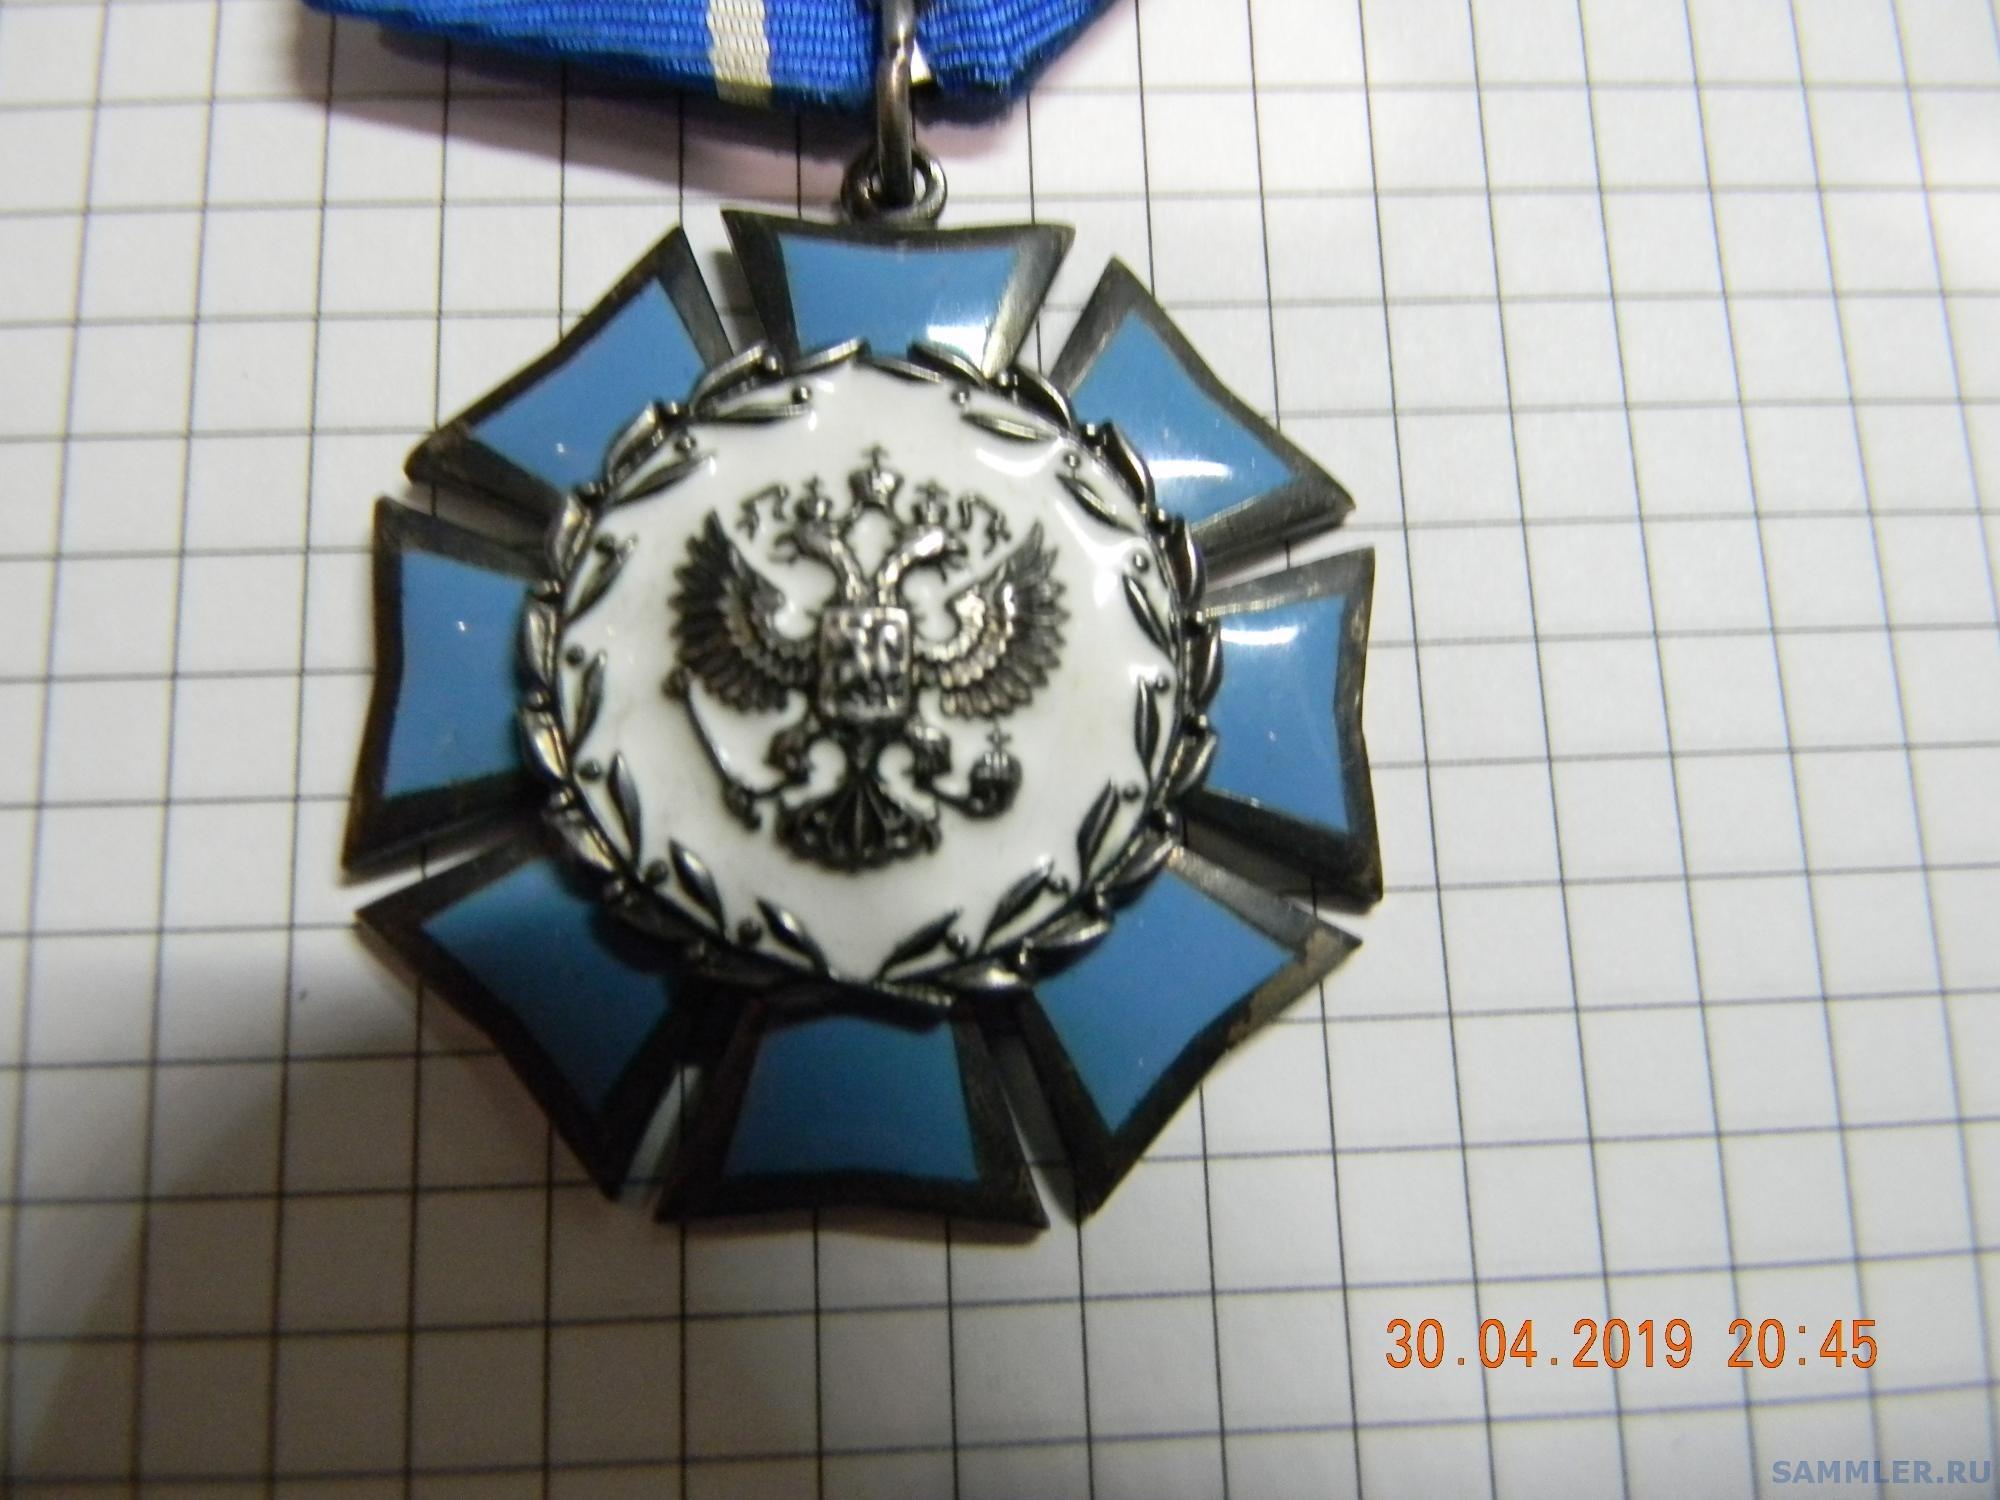 DSCN1355.JPG